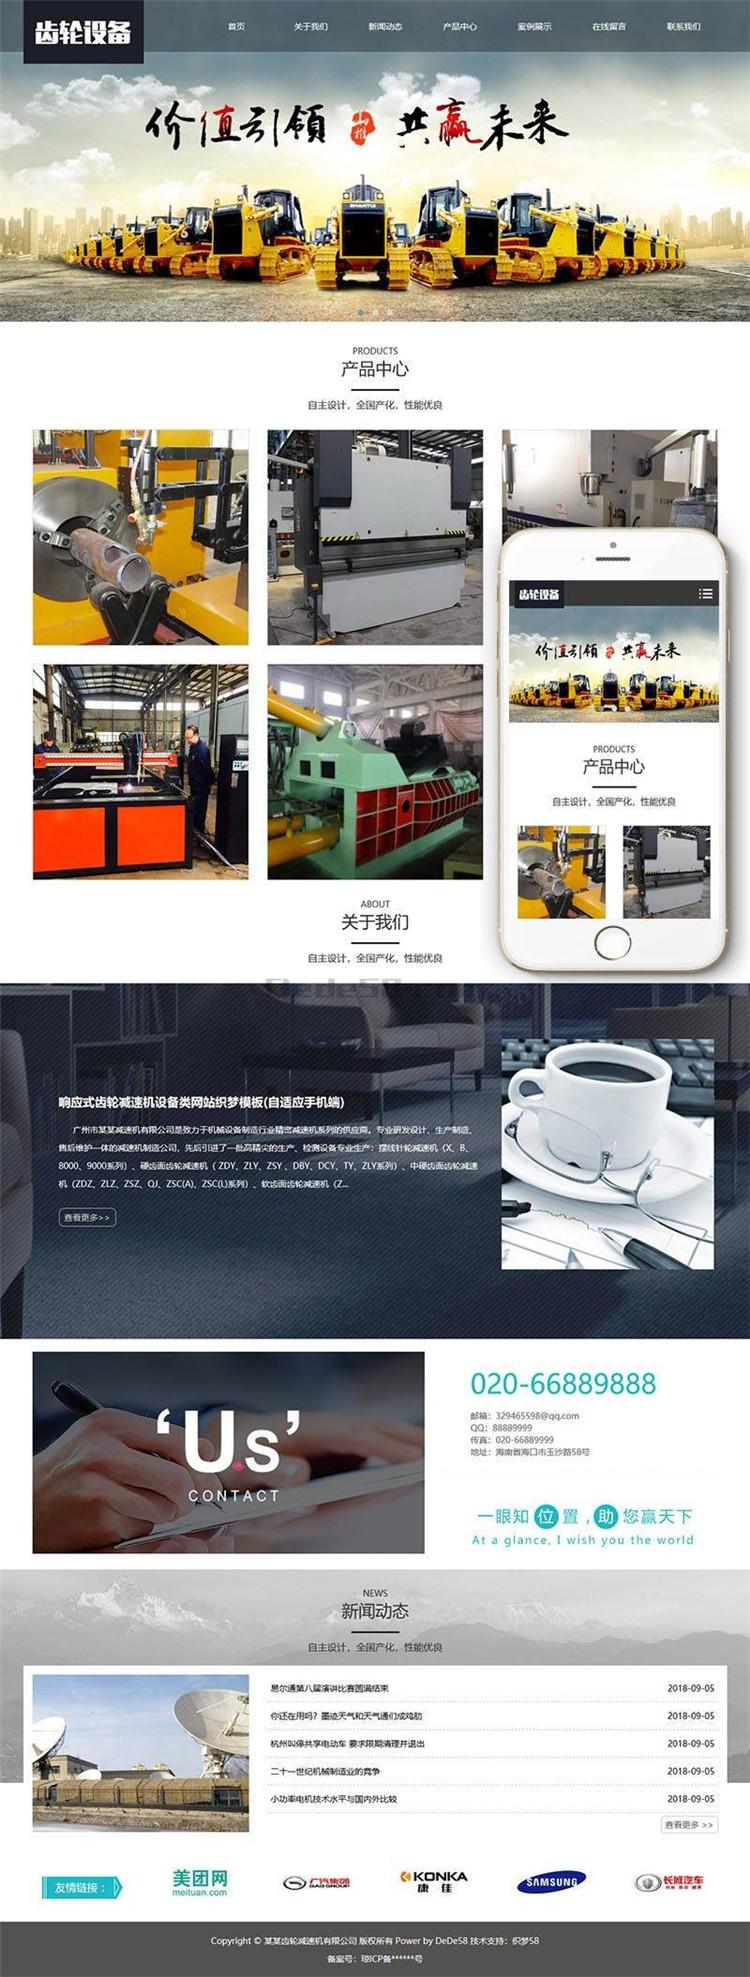 爱上源码网文章dede模板营销型响应式齿轮减速机设备类网站织梦模板(自适应手机端) 整站源码的内容插图